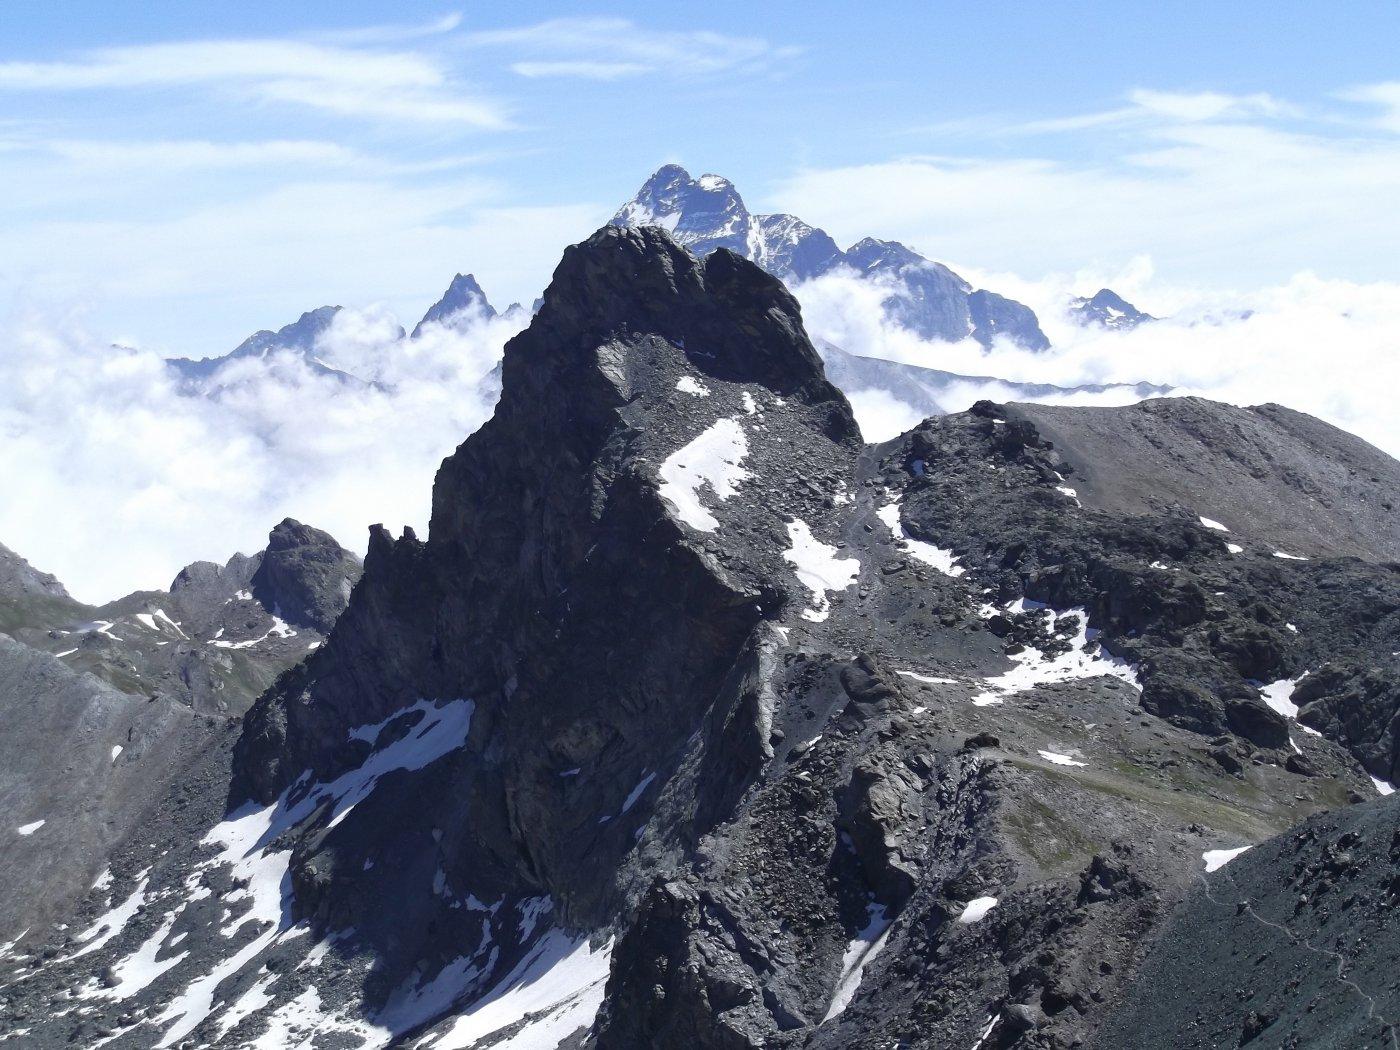 il Roc della Niera e Monviso visti dal Pic